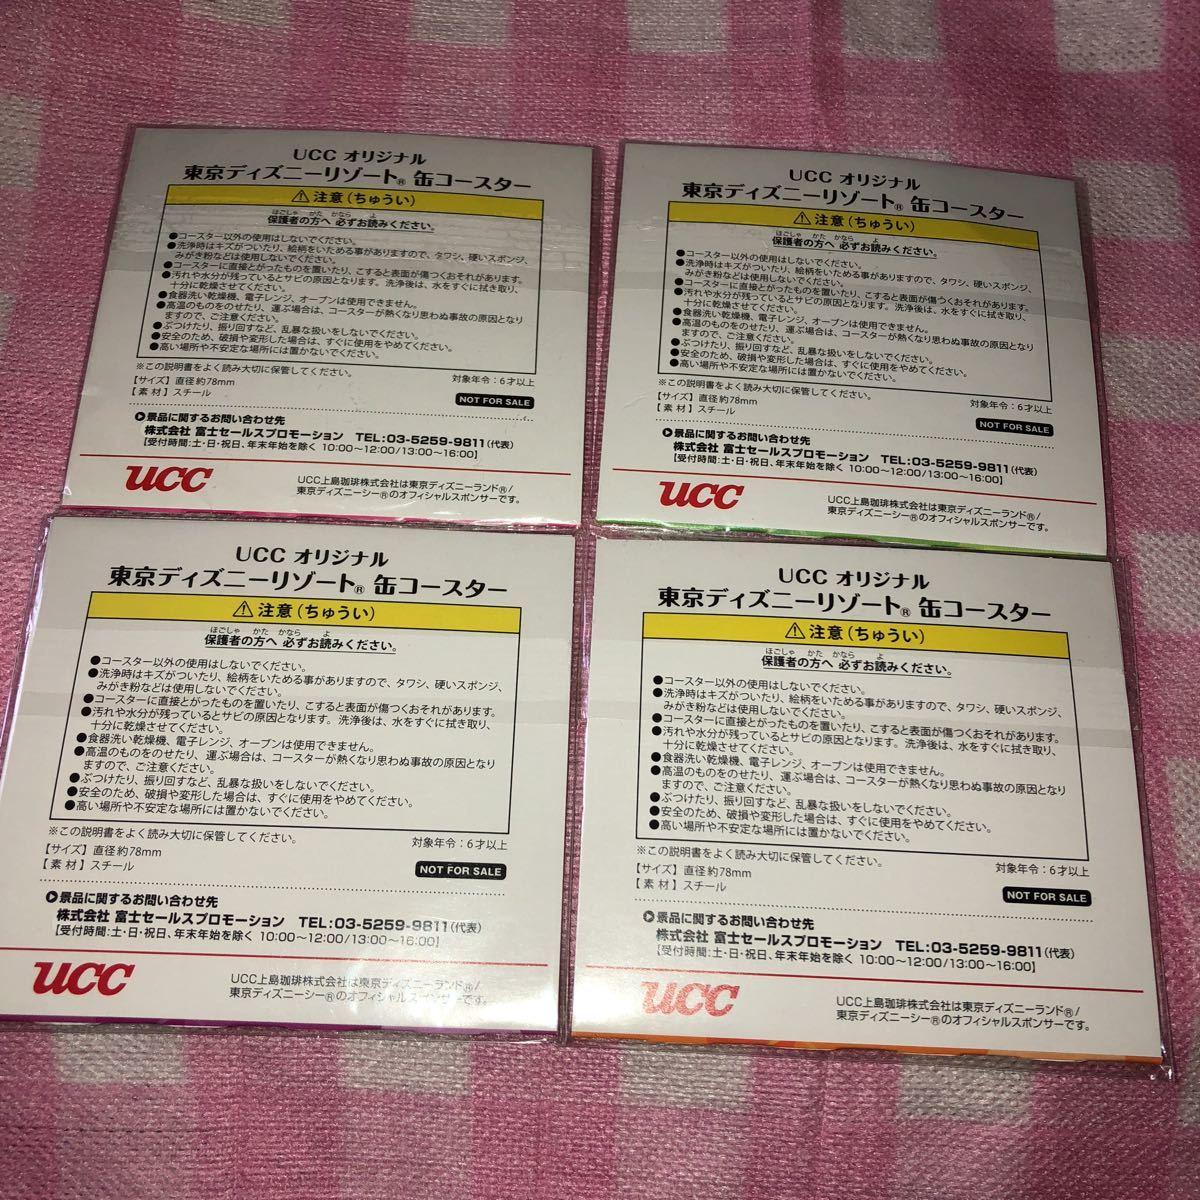 レア非売品 UCCオリジナル 東京ディズニーリゾート 缶コースター4枚セット_画像2